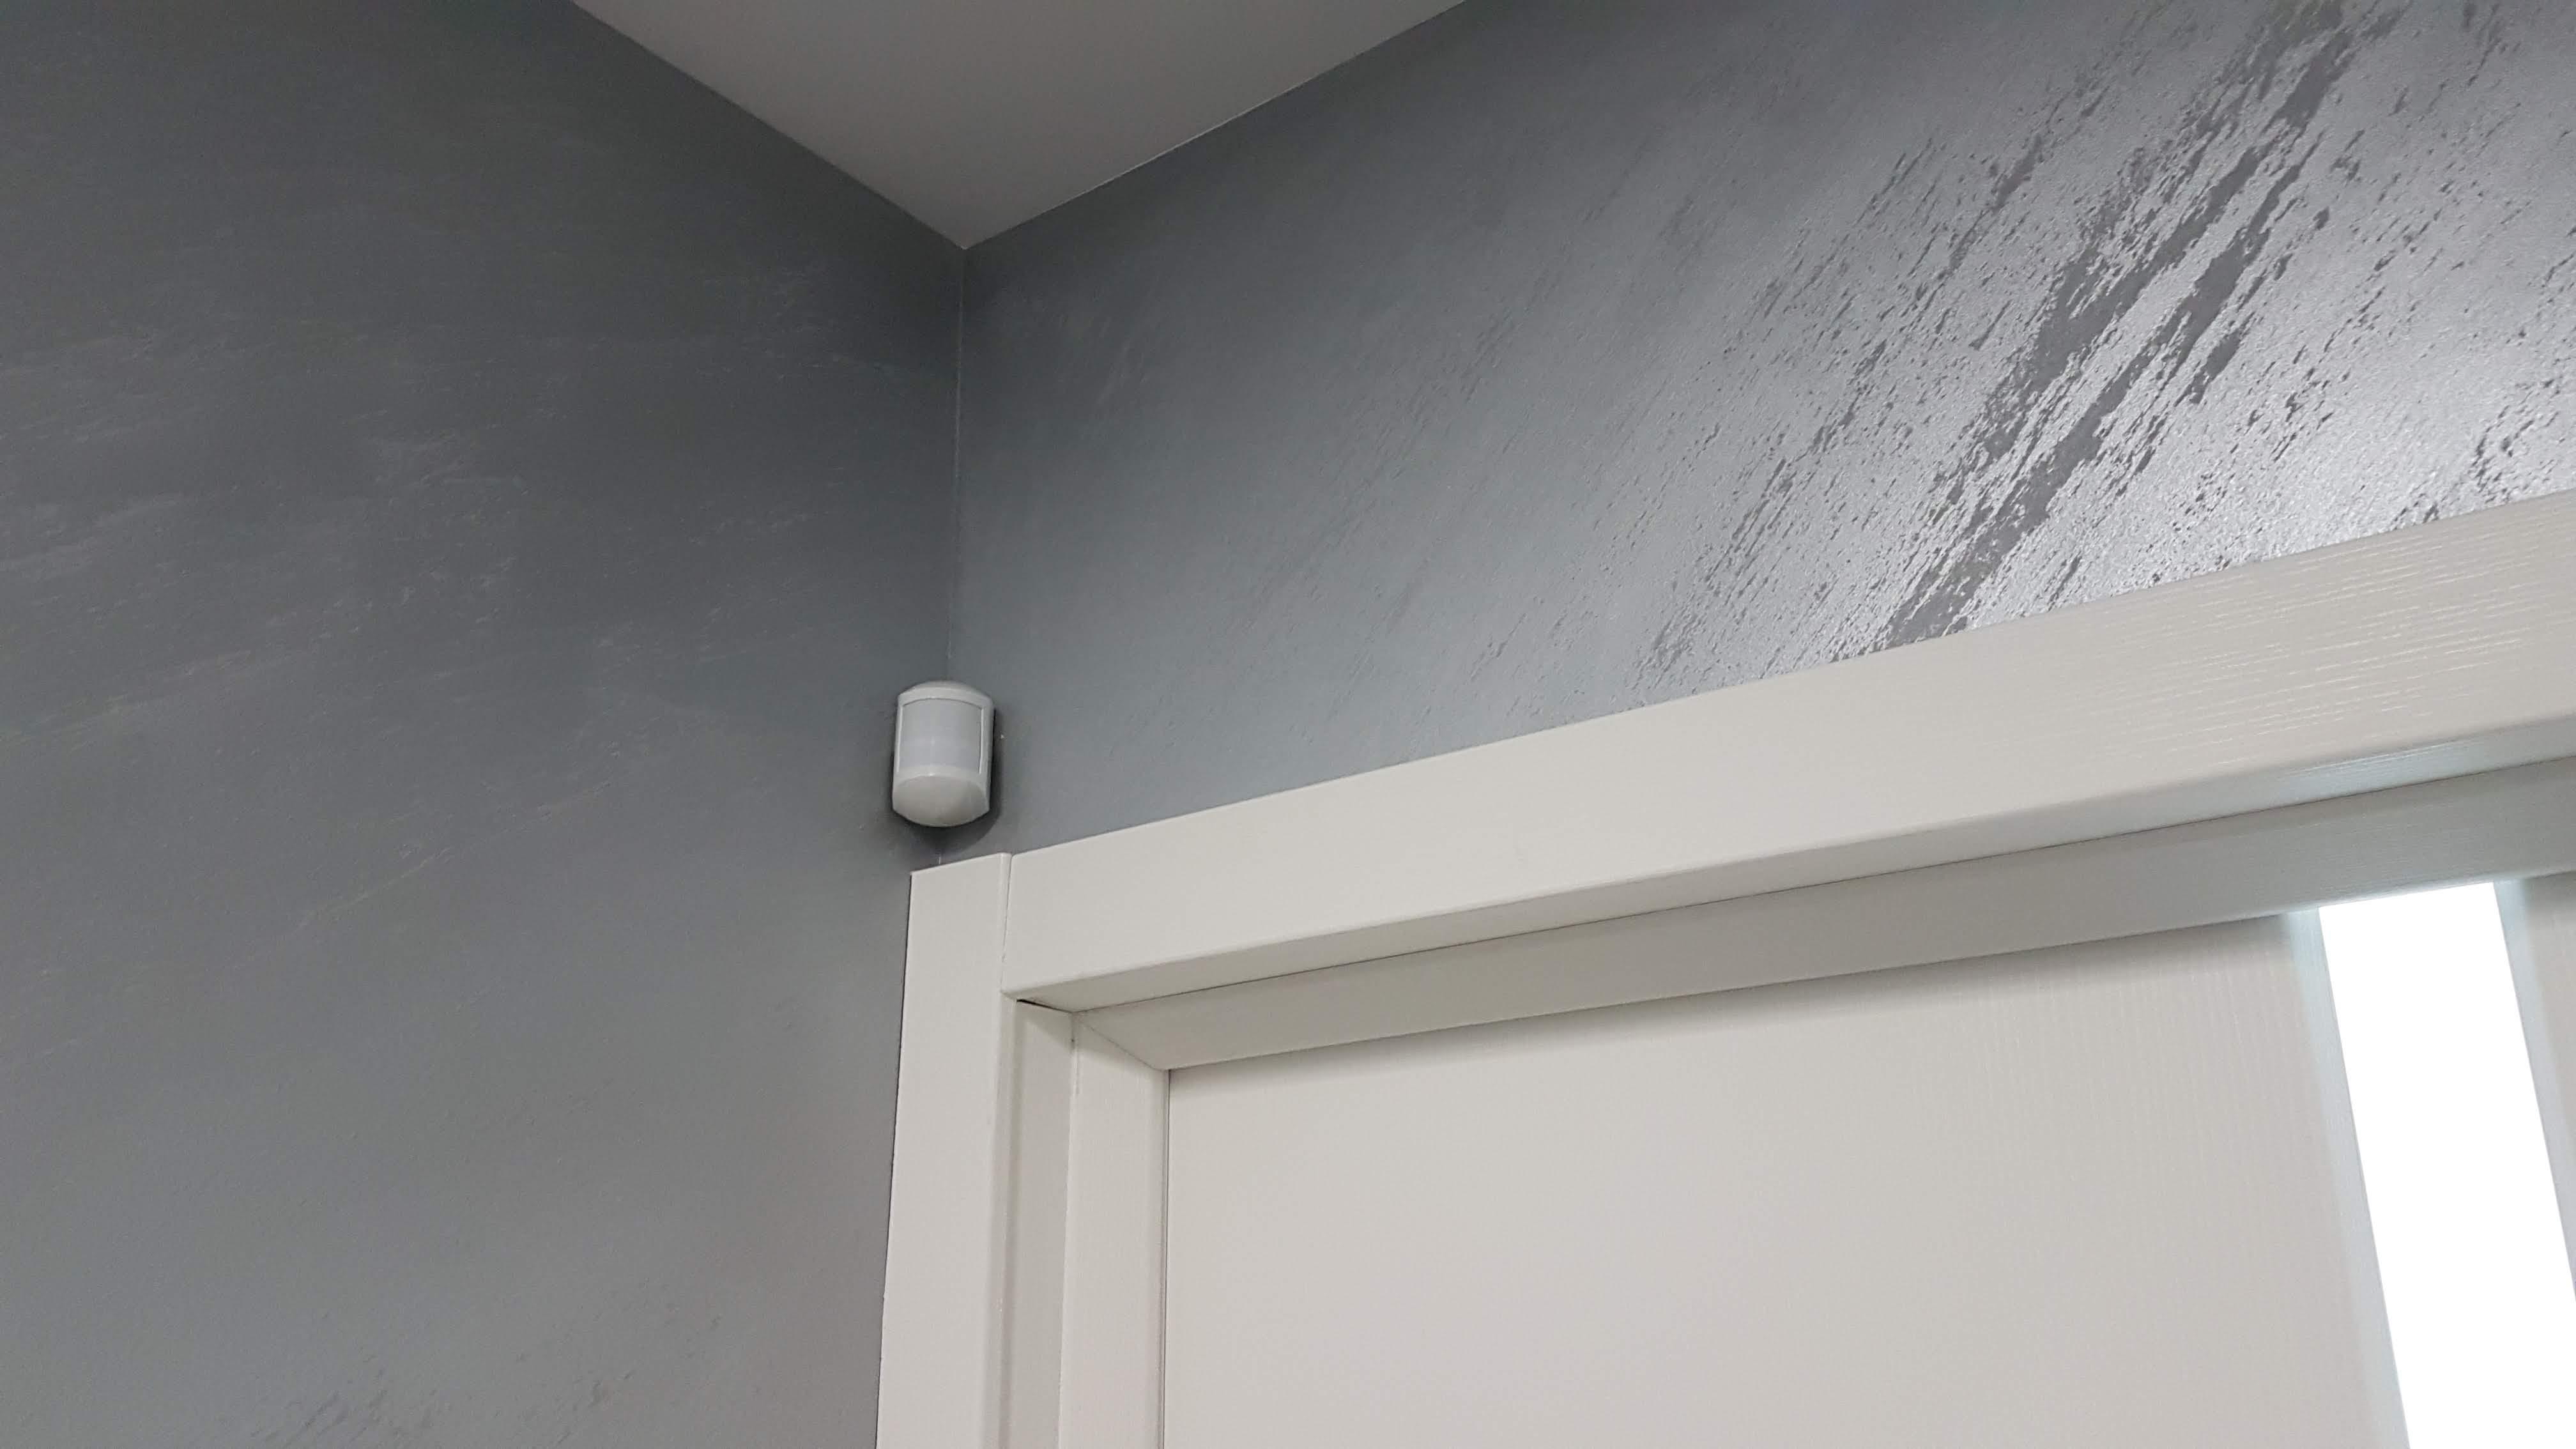 Сигнализация в частном доме с установкой